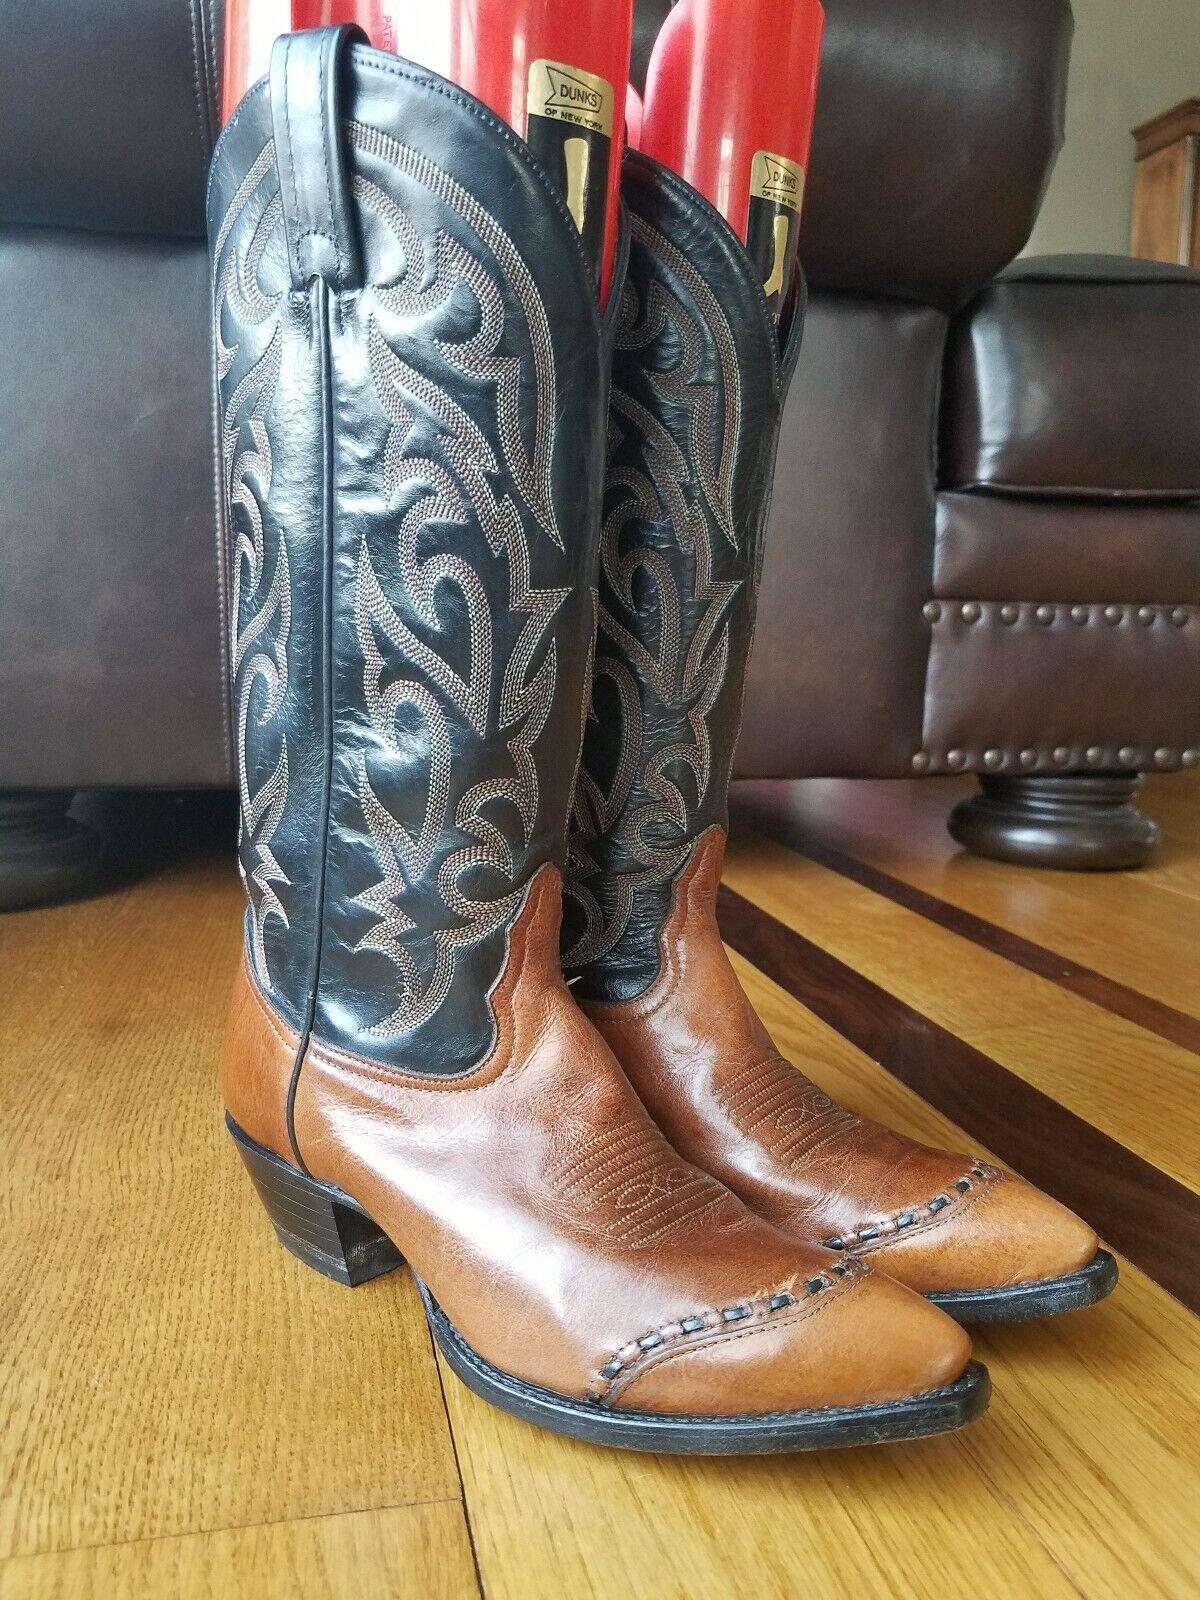 Tony Lama Mujeres Dos Tonos De Cuero Negro Marrón Western Cowboy botas 1035 tamaño 6M